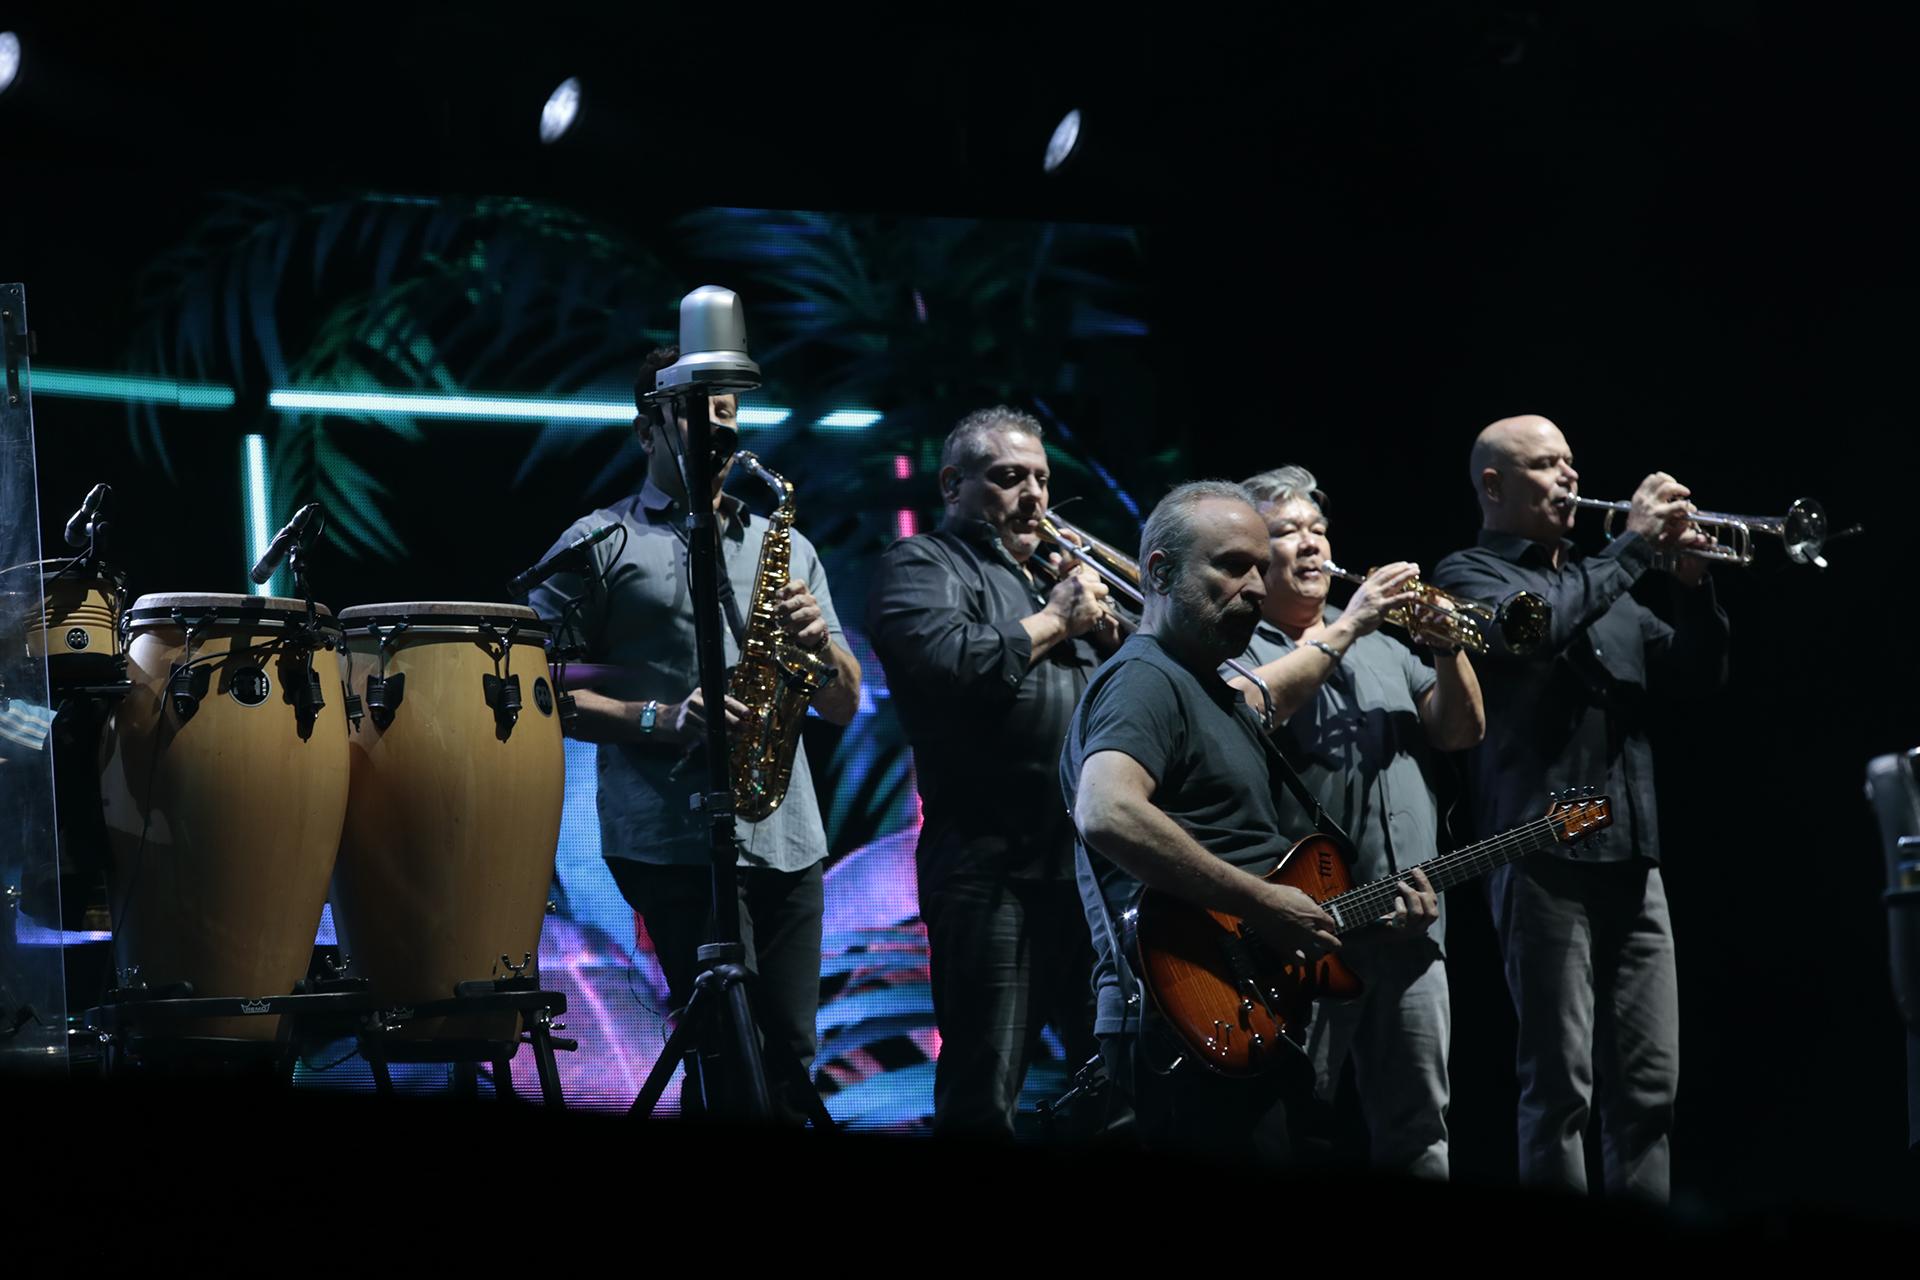 El artista de 67 años estuvo acompañado por 13 músicos, incluido su hijo Nicholas